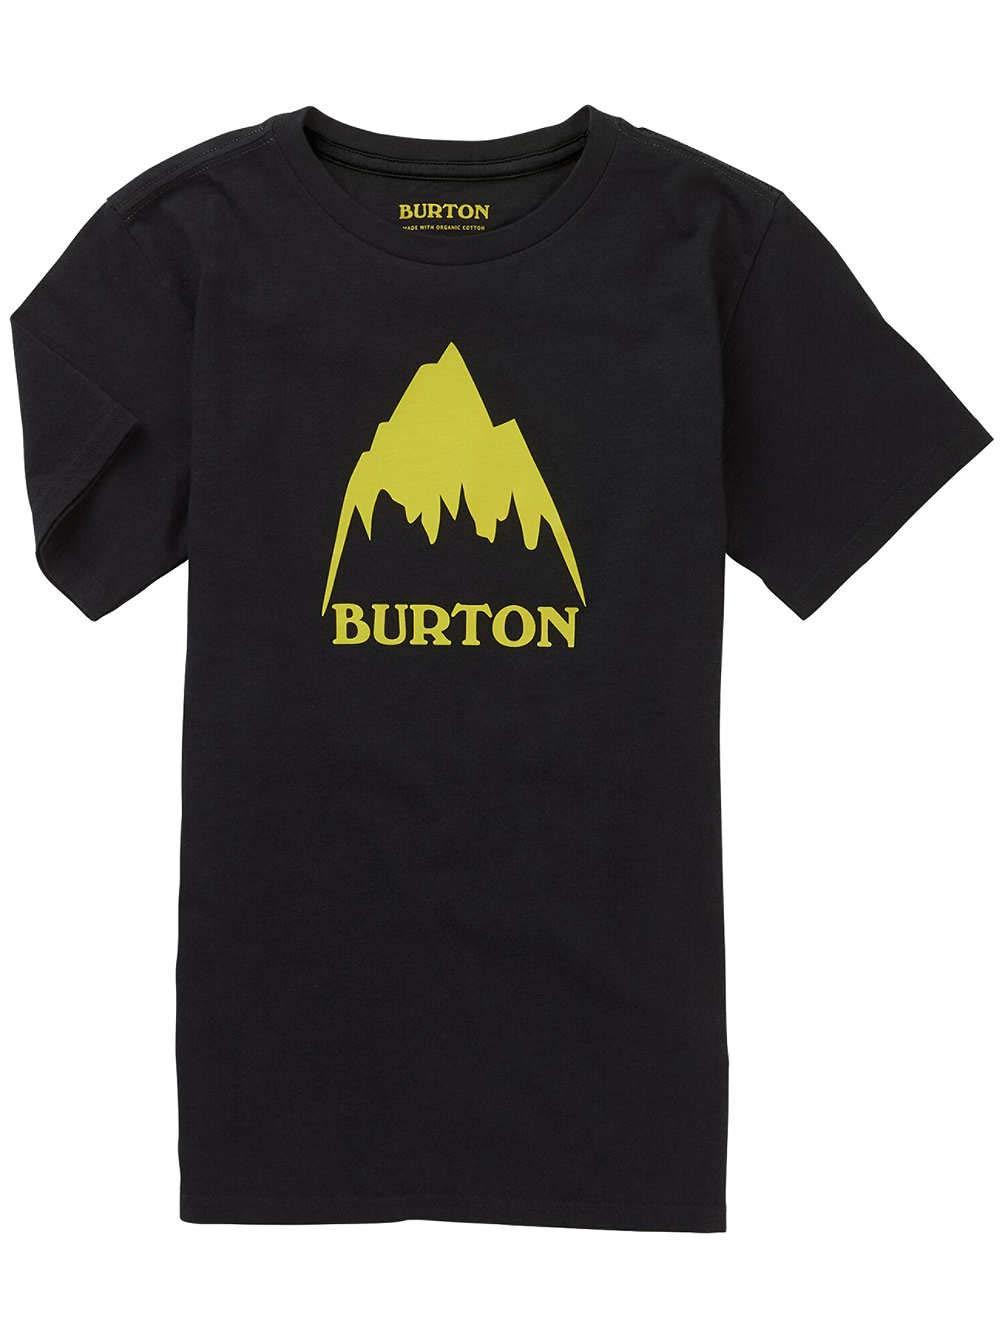 Maglia A Maniche Corte Bambino Burton Classic Mountain High